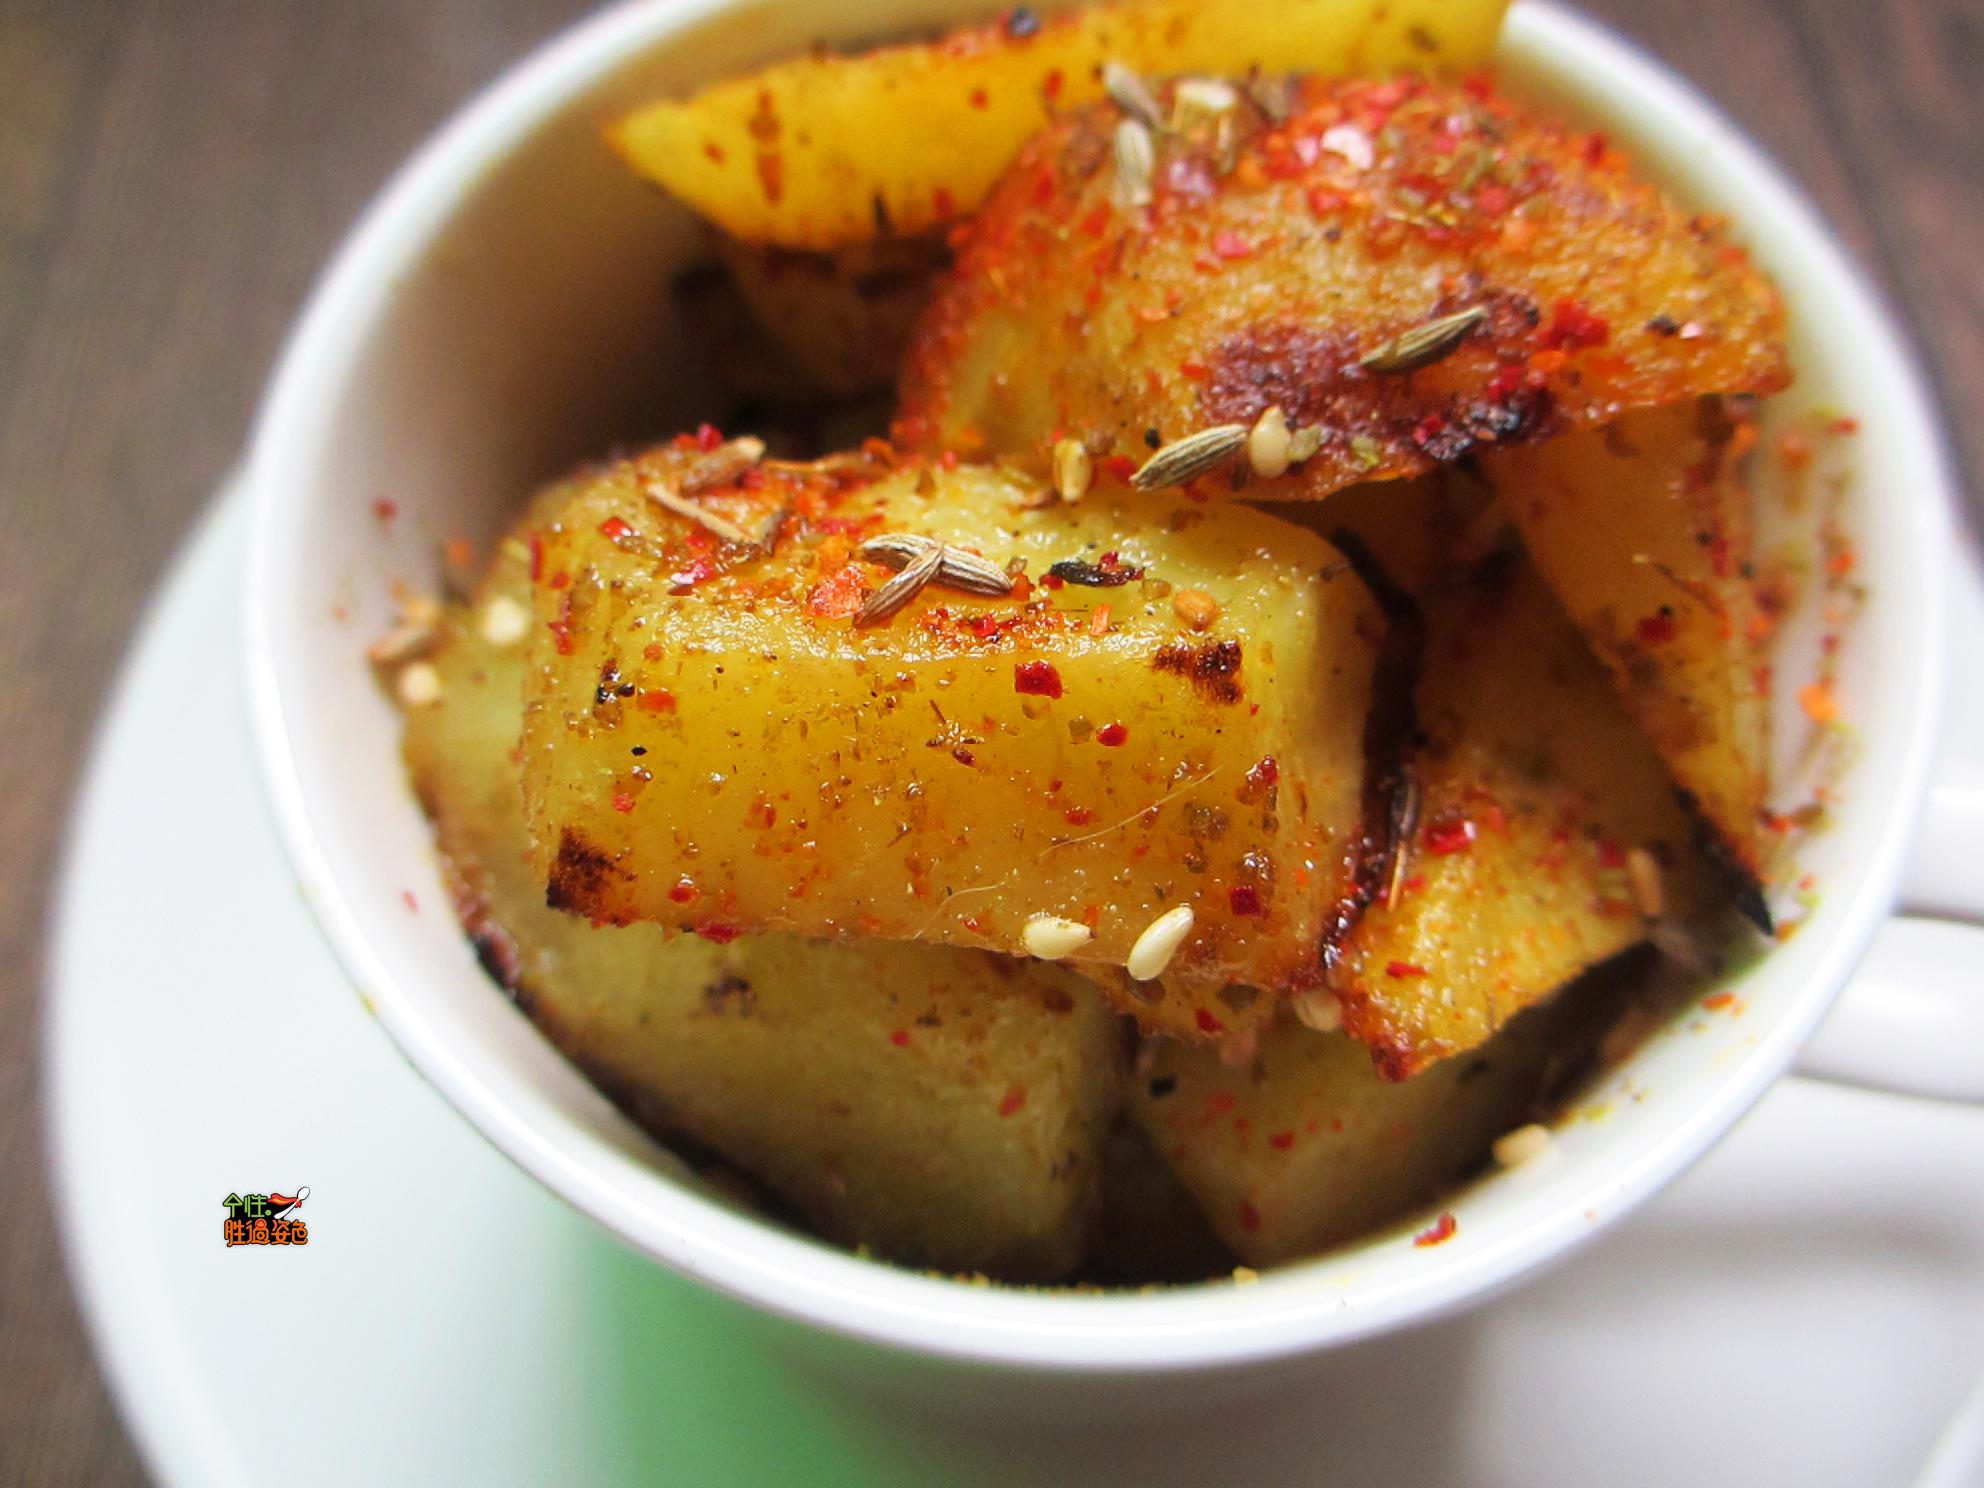 免炸版 锅巴土豆#松下多面美味#的做法图解11